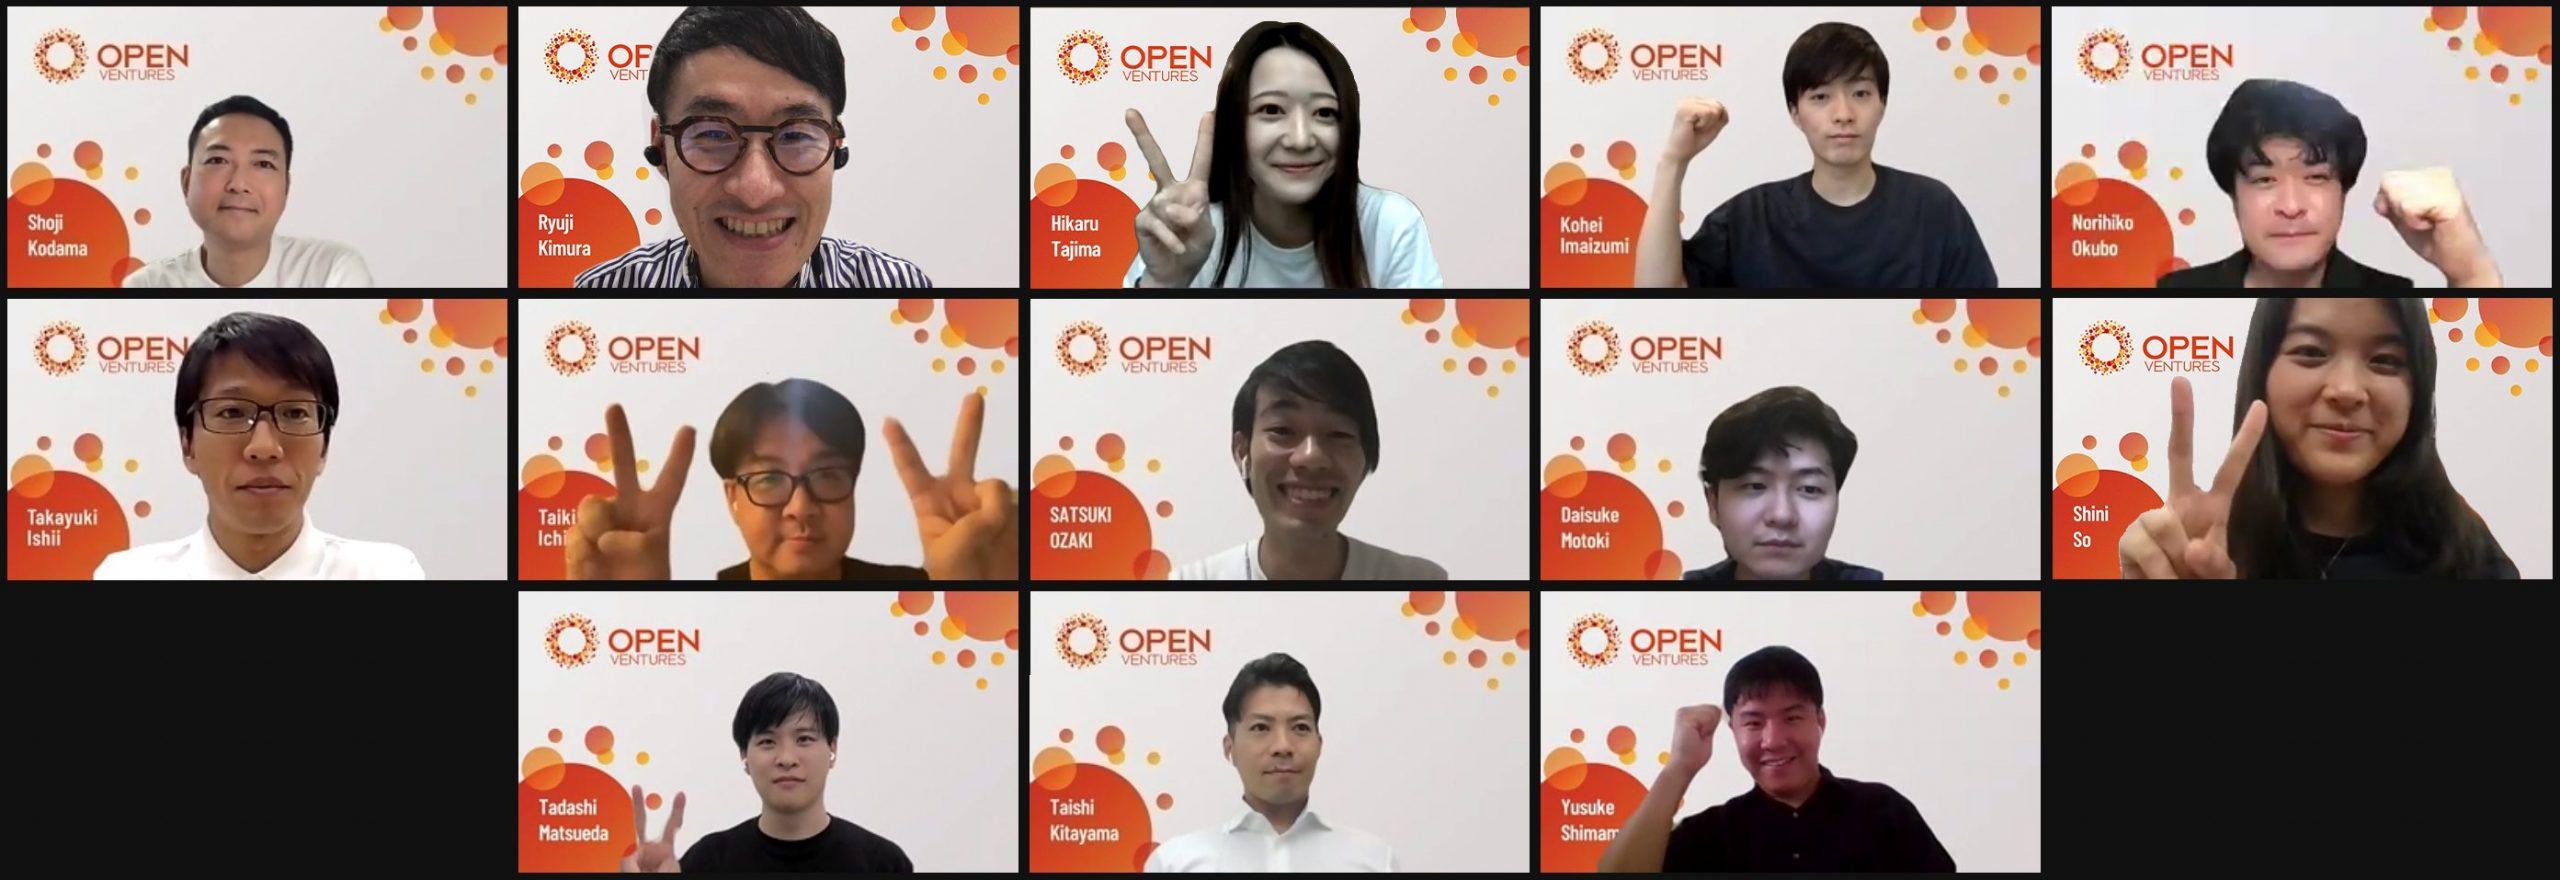 1dayメンタリング・ピッチコンテスト「OPEN PITCH Vol.14」